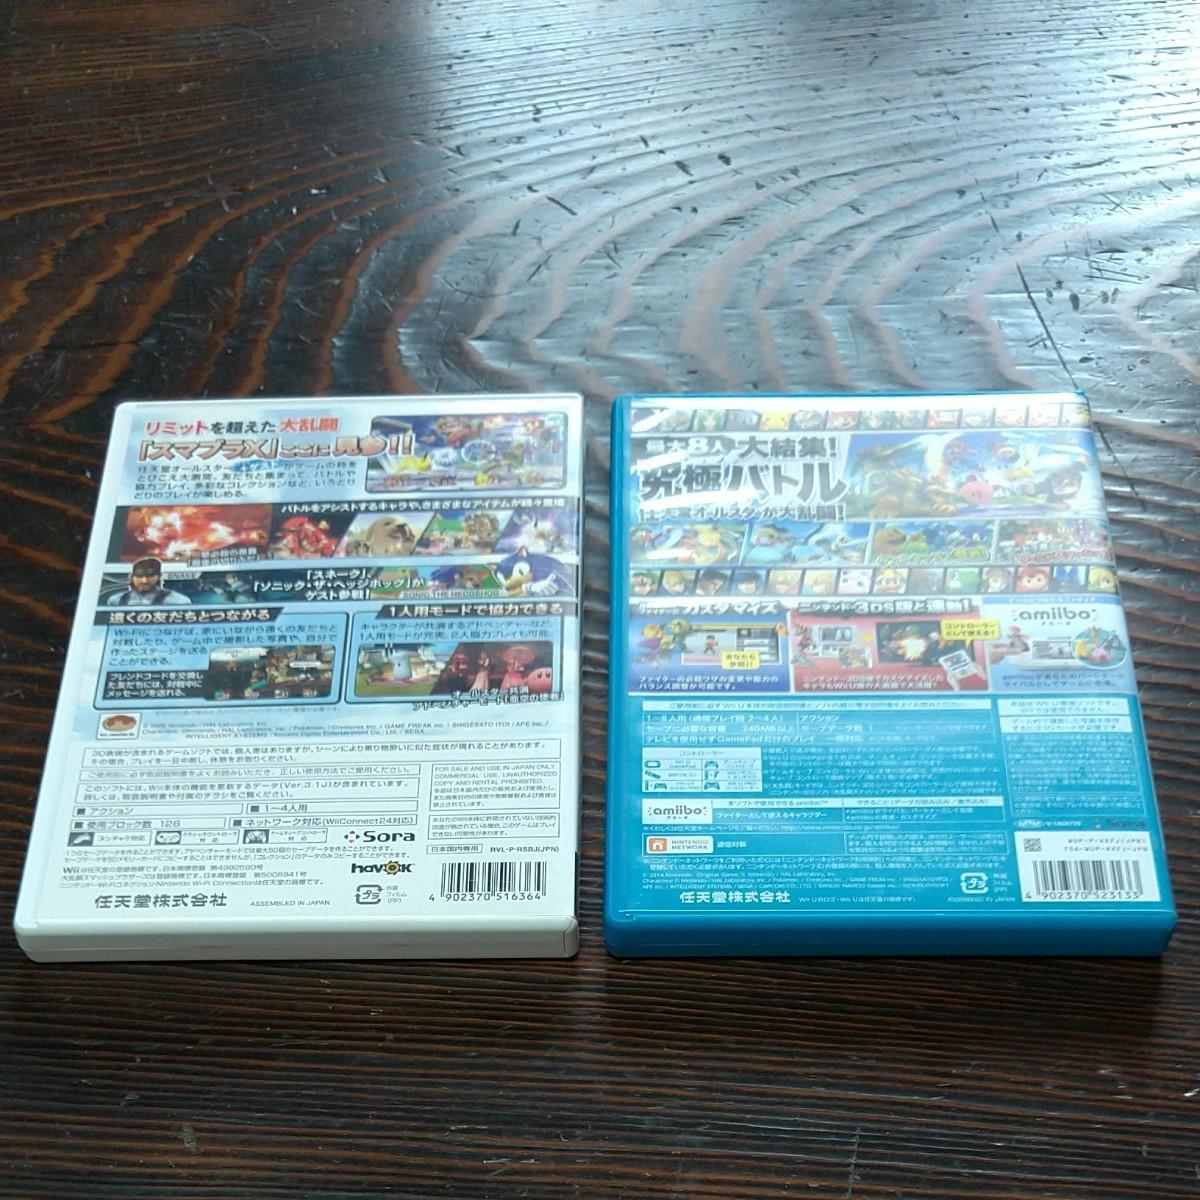 【Wii】 大乱闘スマッシュブラザーズX 大乱闘スマッシュブラザーズWiiU